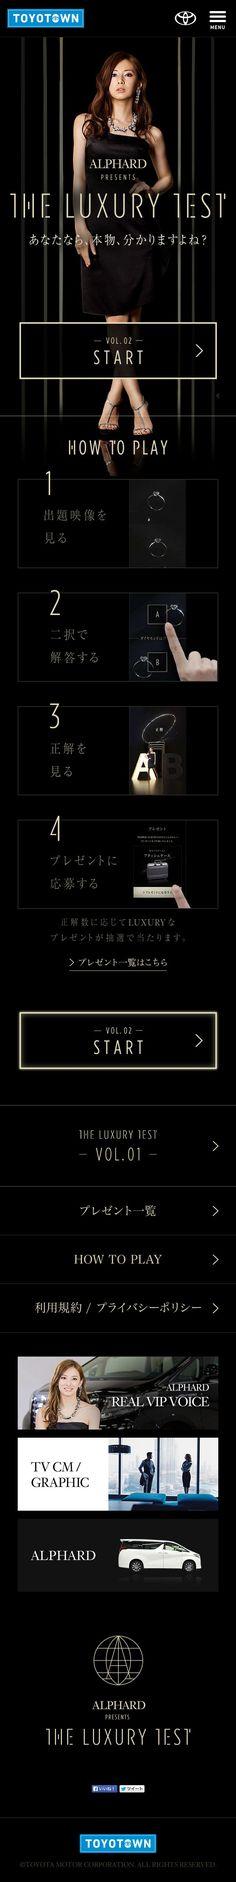 #Toyotown #japan #design